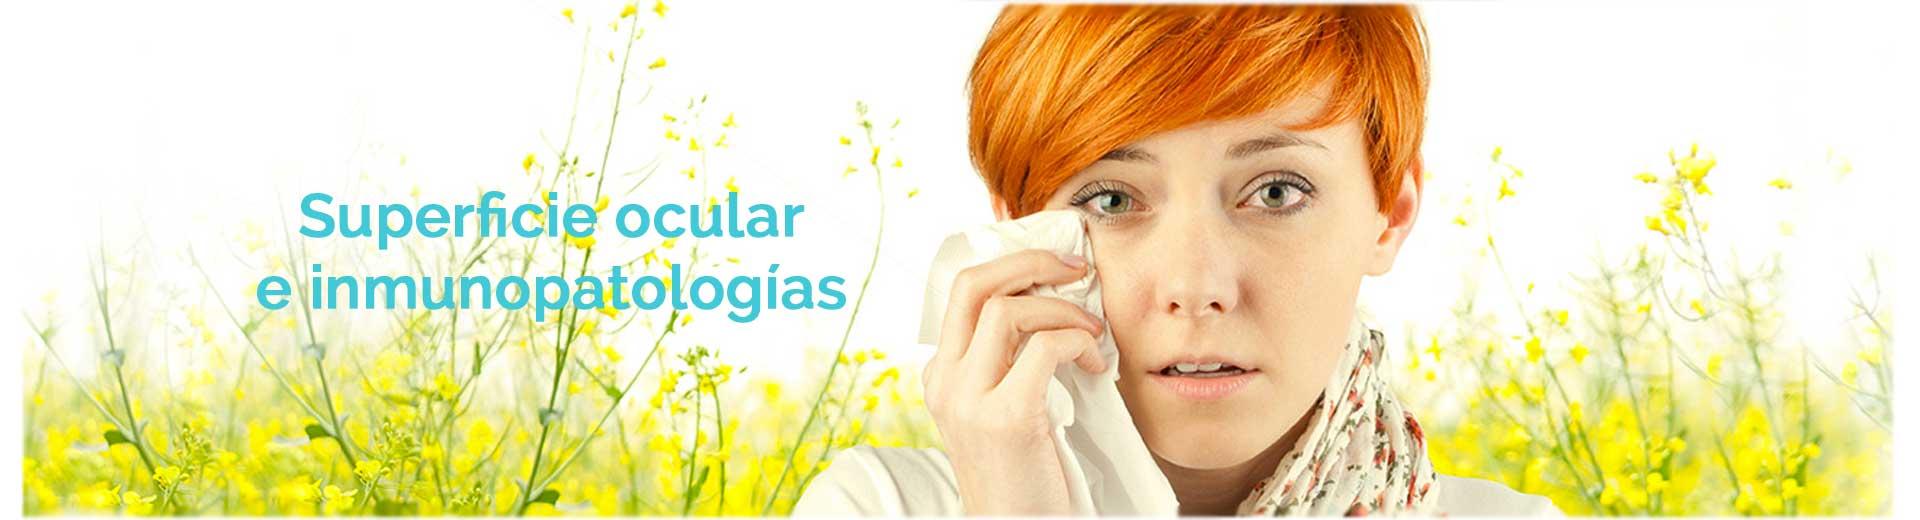 inmunopatología ocular